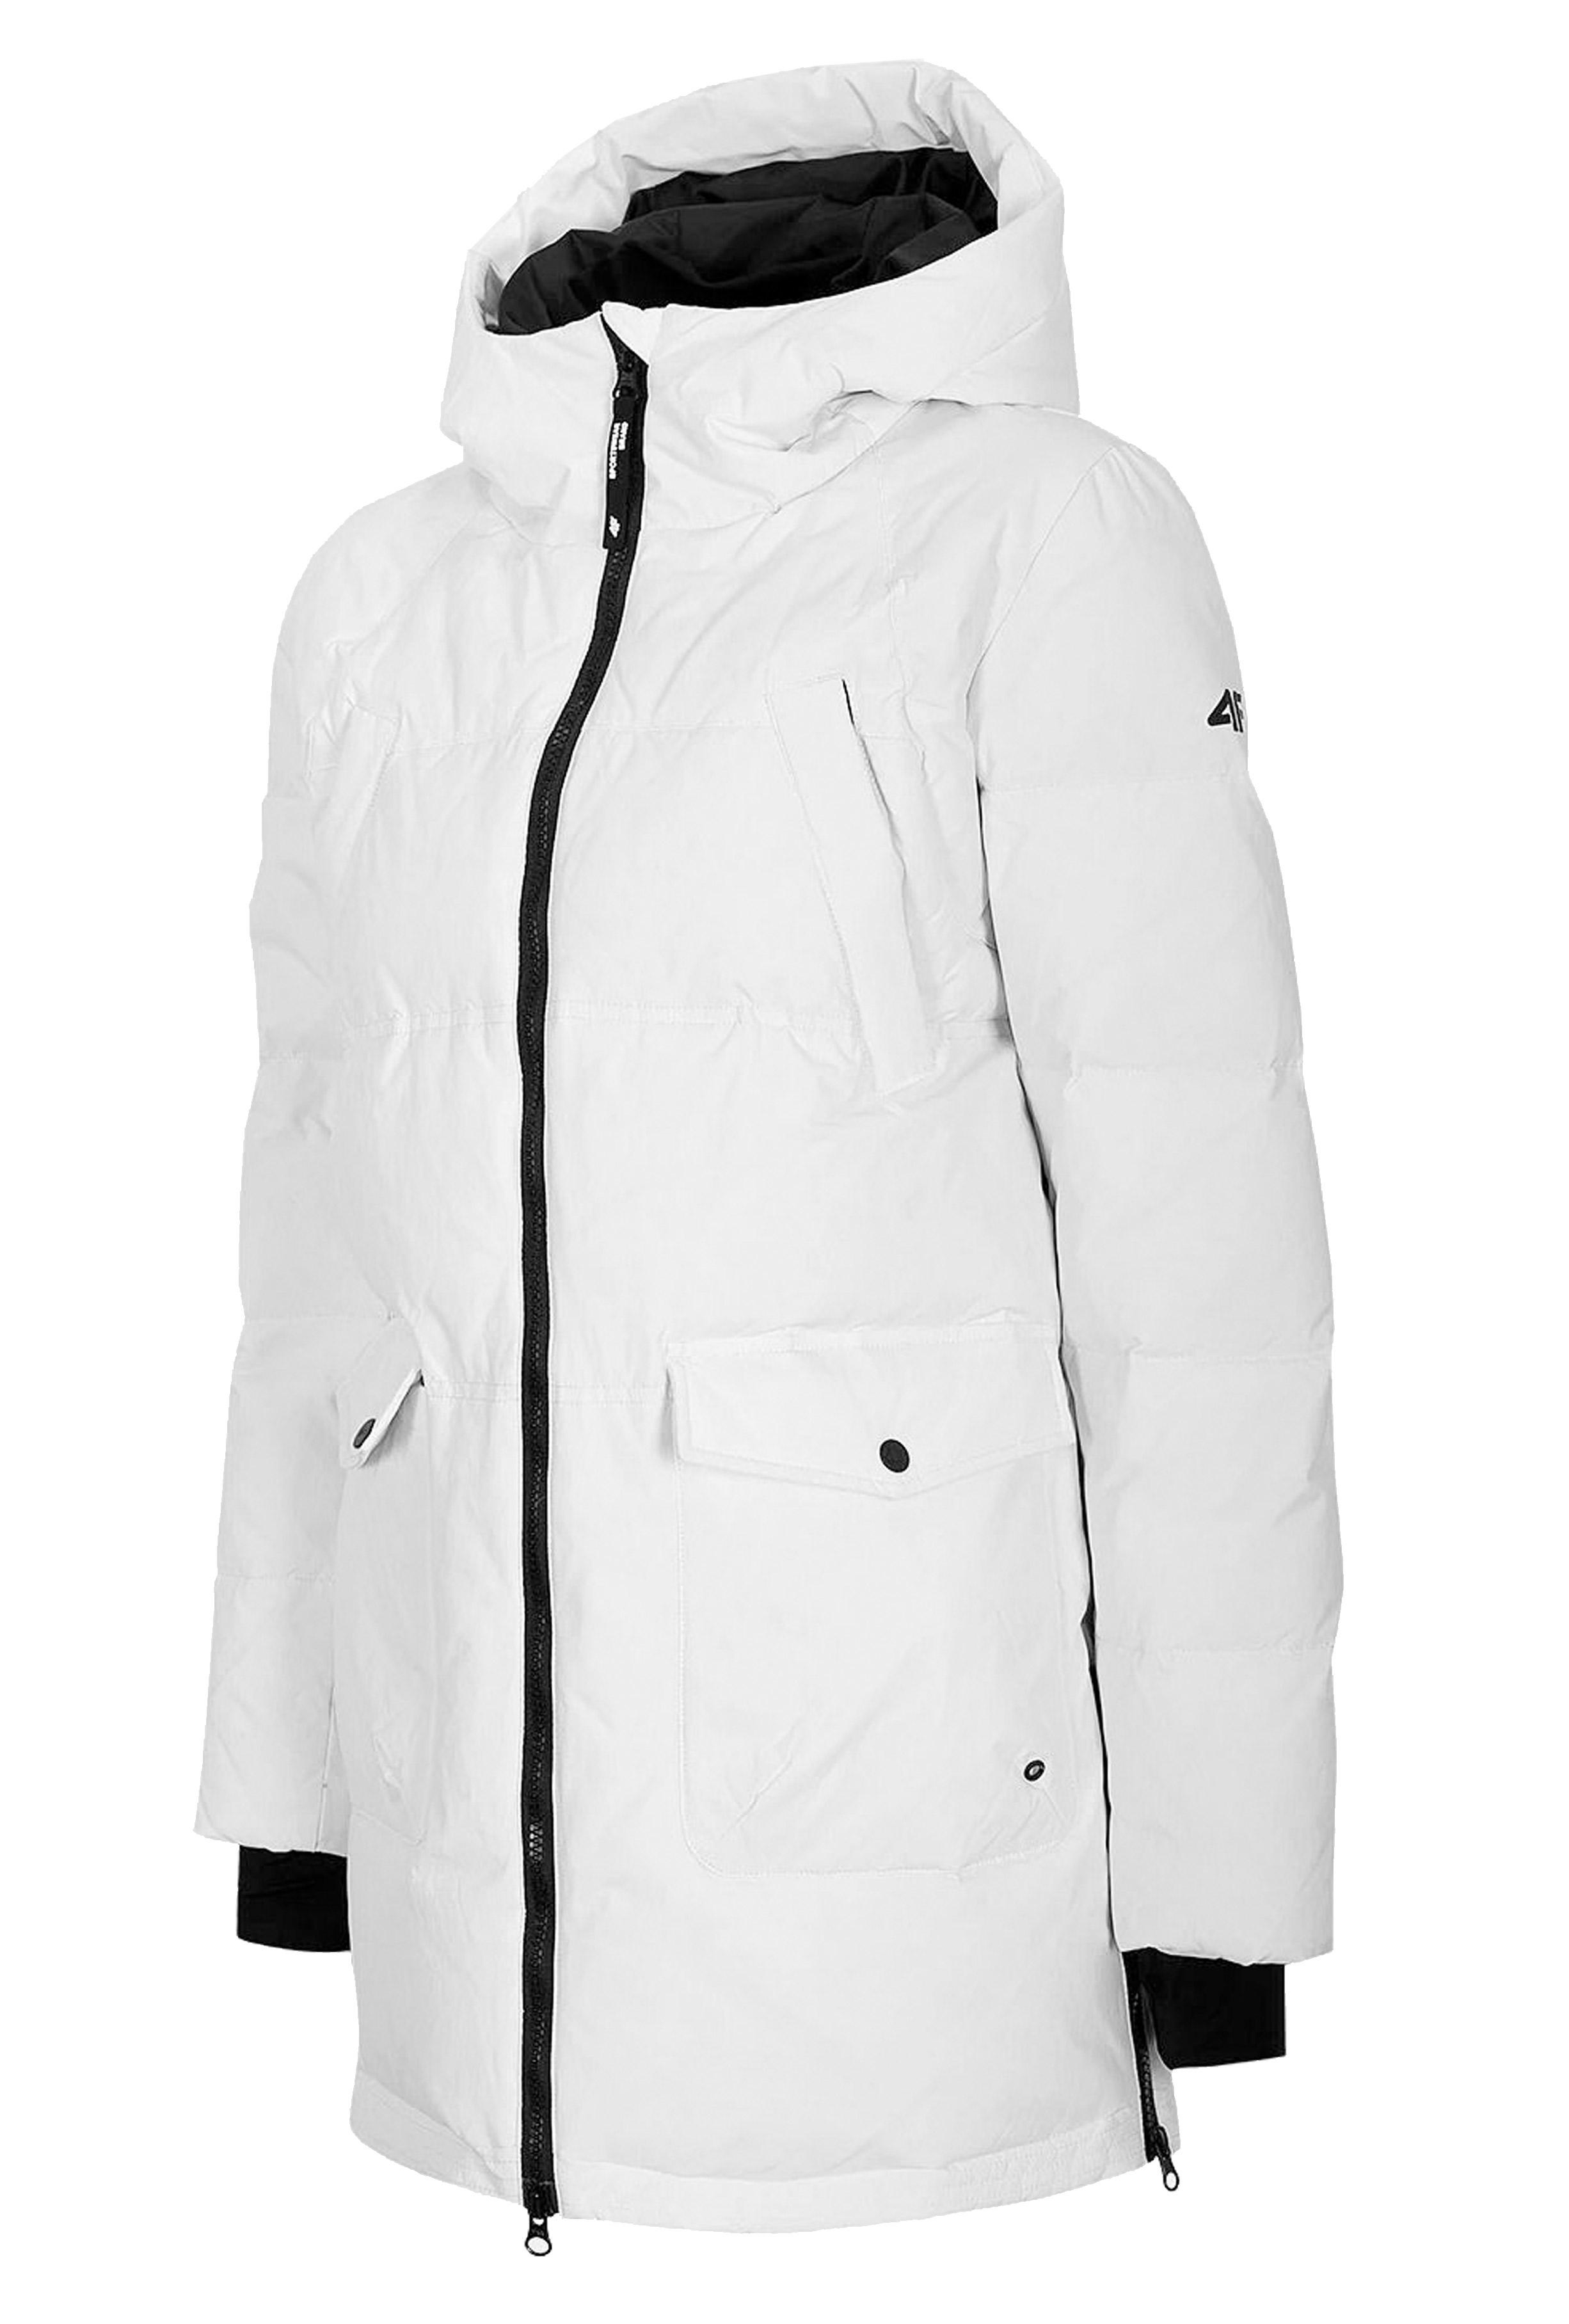 ג'קט ומעיל פור אף לנשים 4F SNOWWHITE - לבן